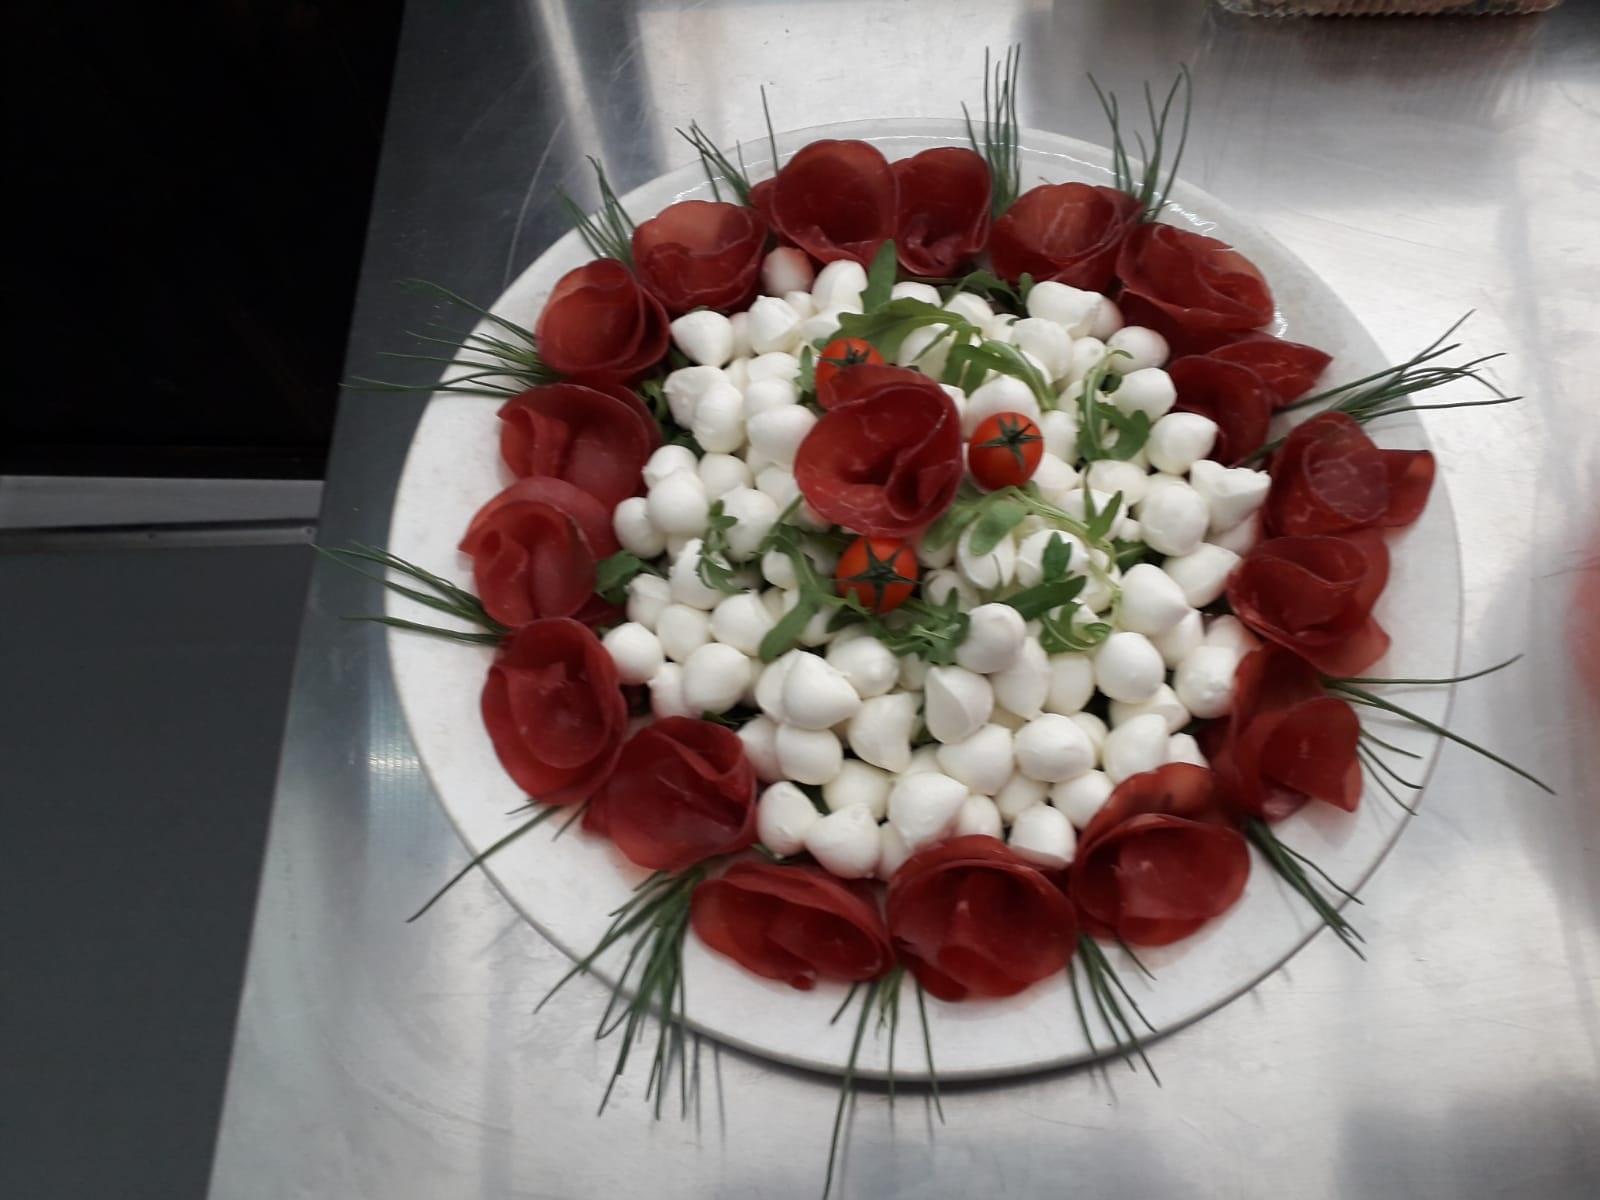 Cucina per celiaci a Lecce